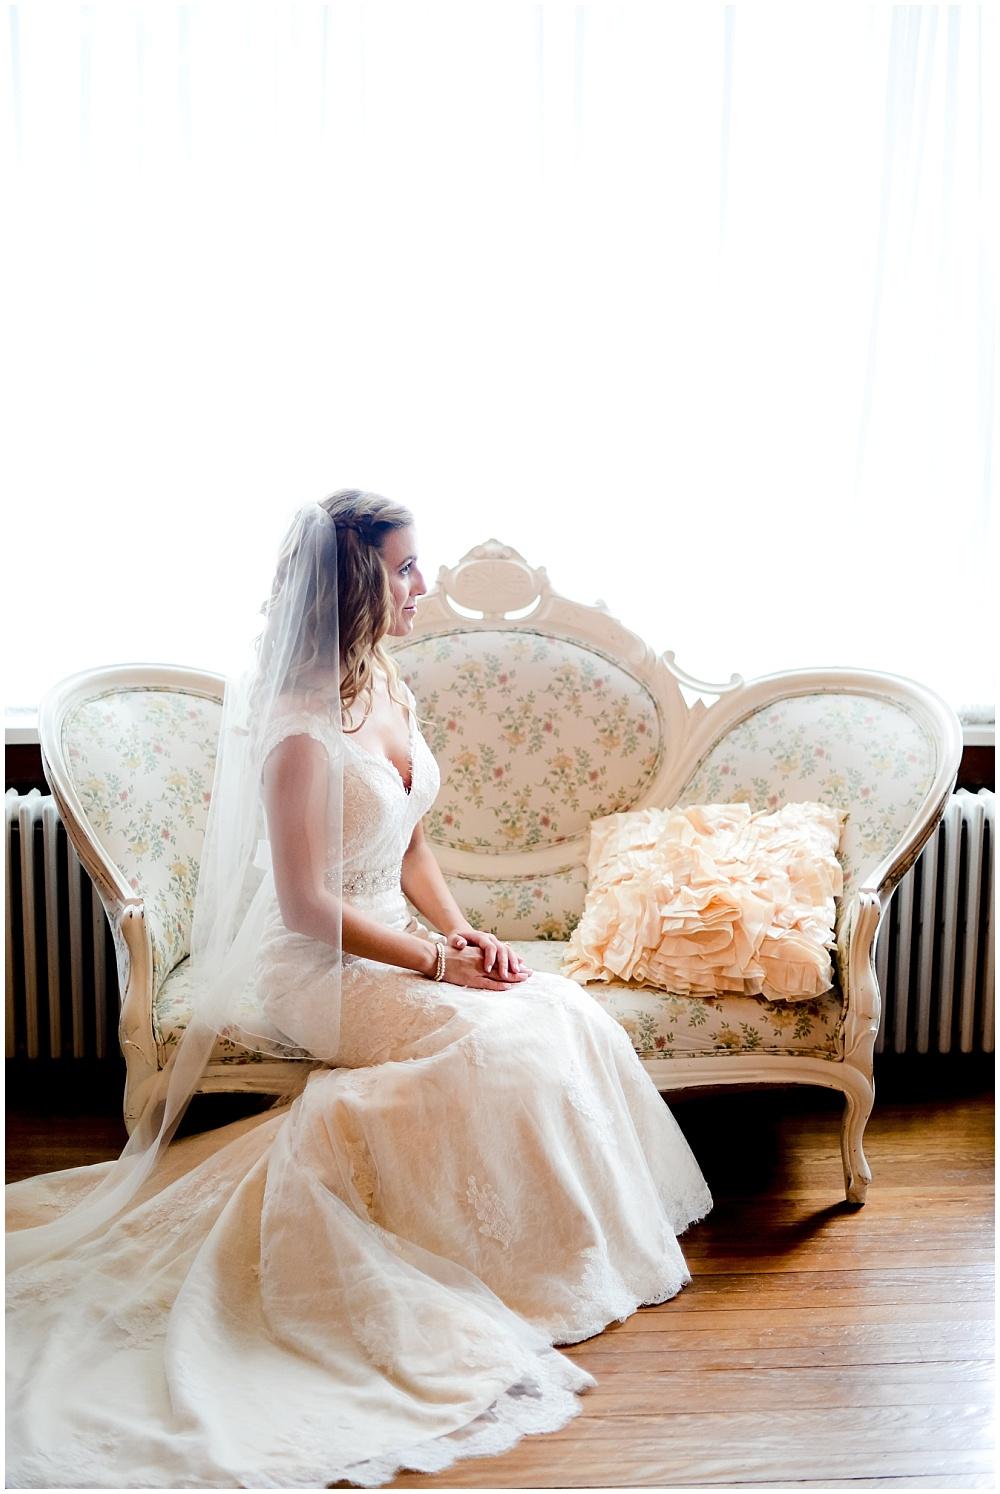 Soft bridal portrait | Mustard Seed Gardens Wedding by Sara Ackermann Photography & Jessica Dum Wedding Coordination